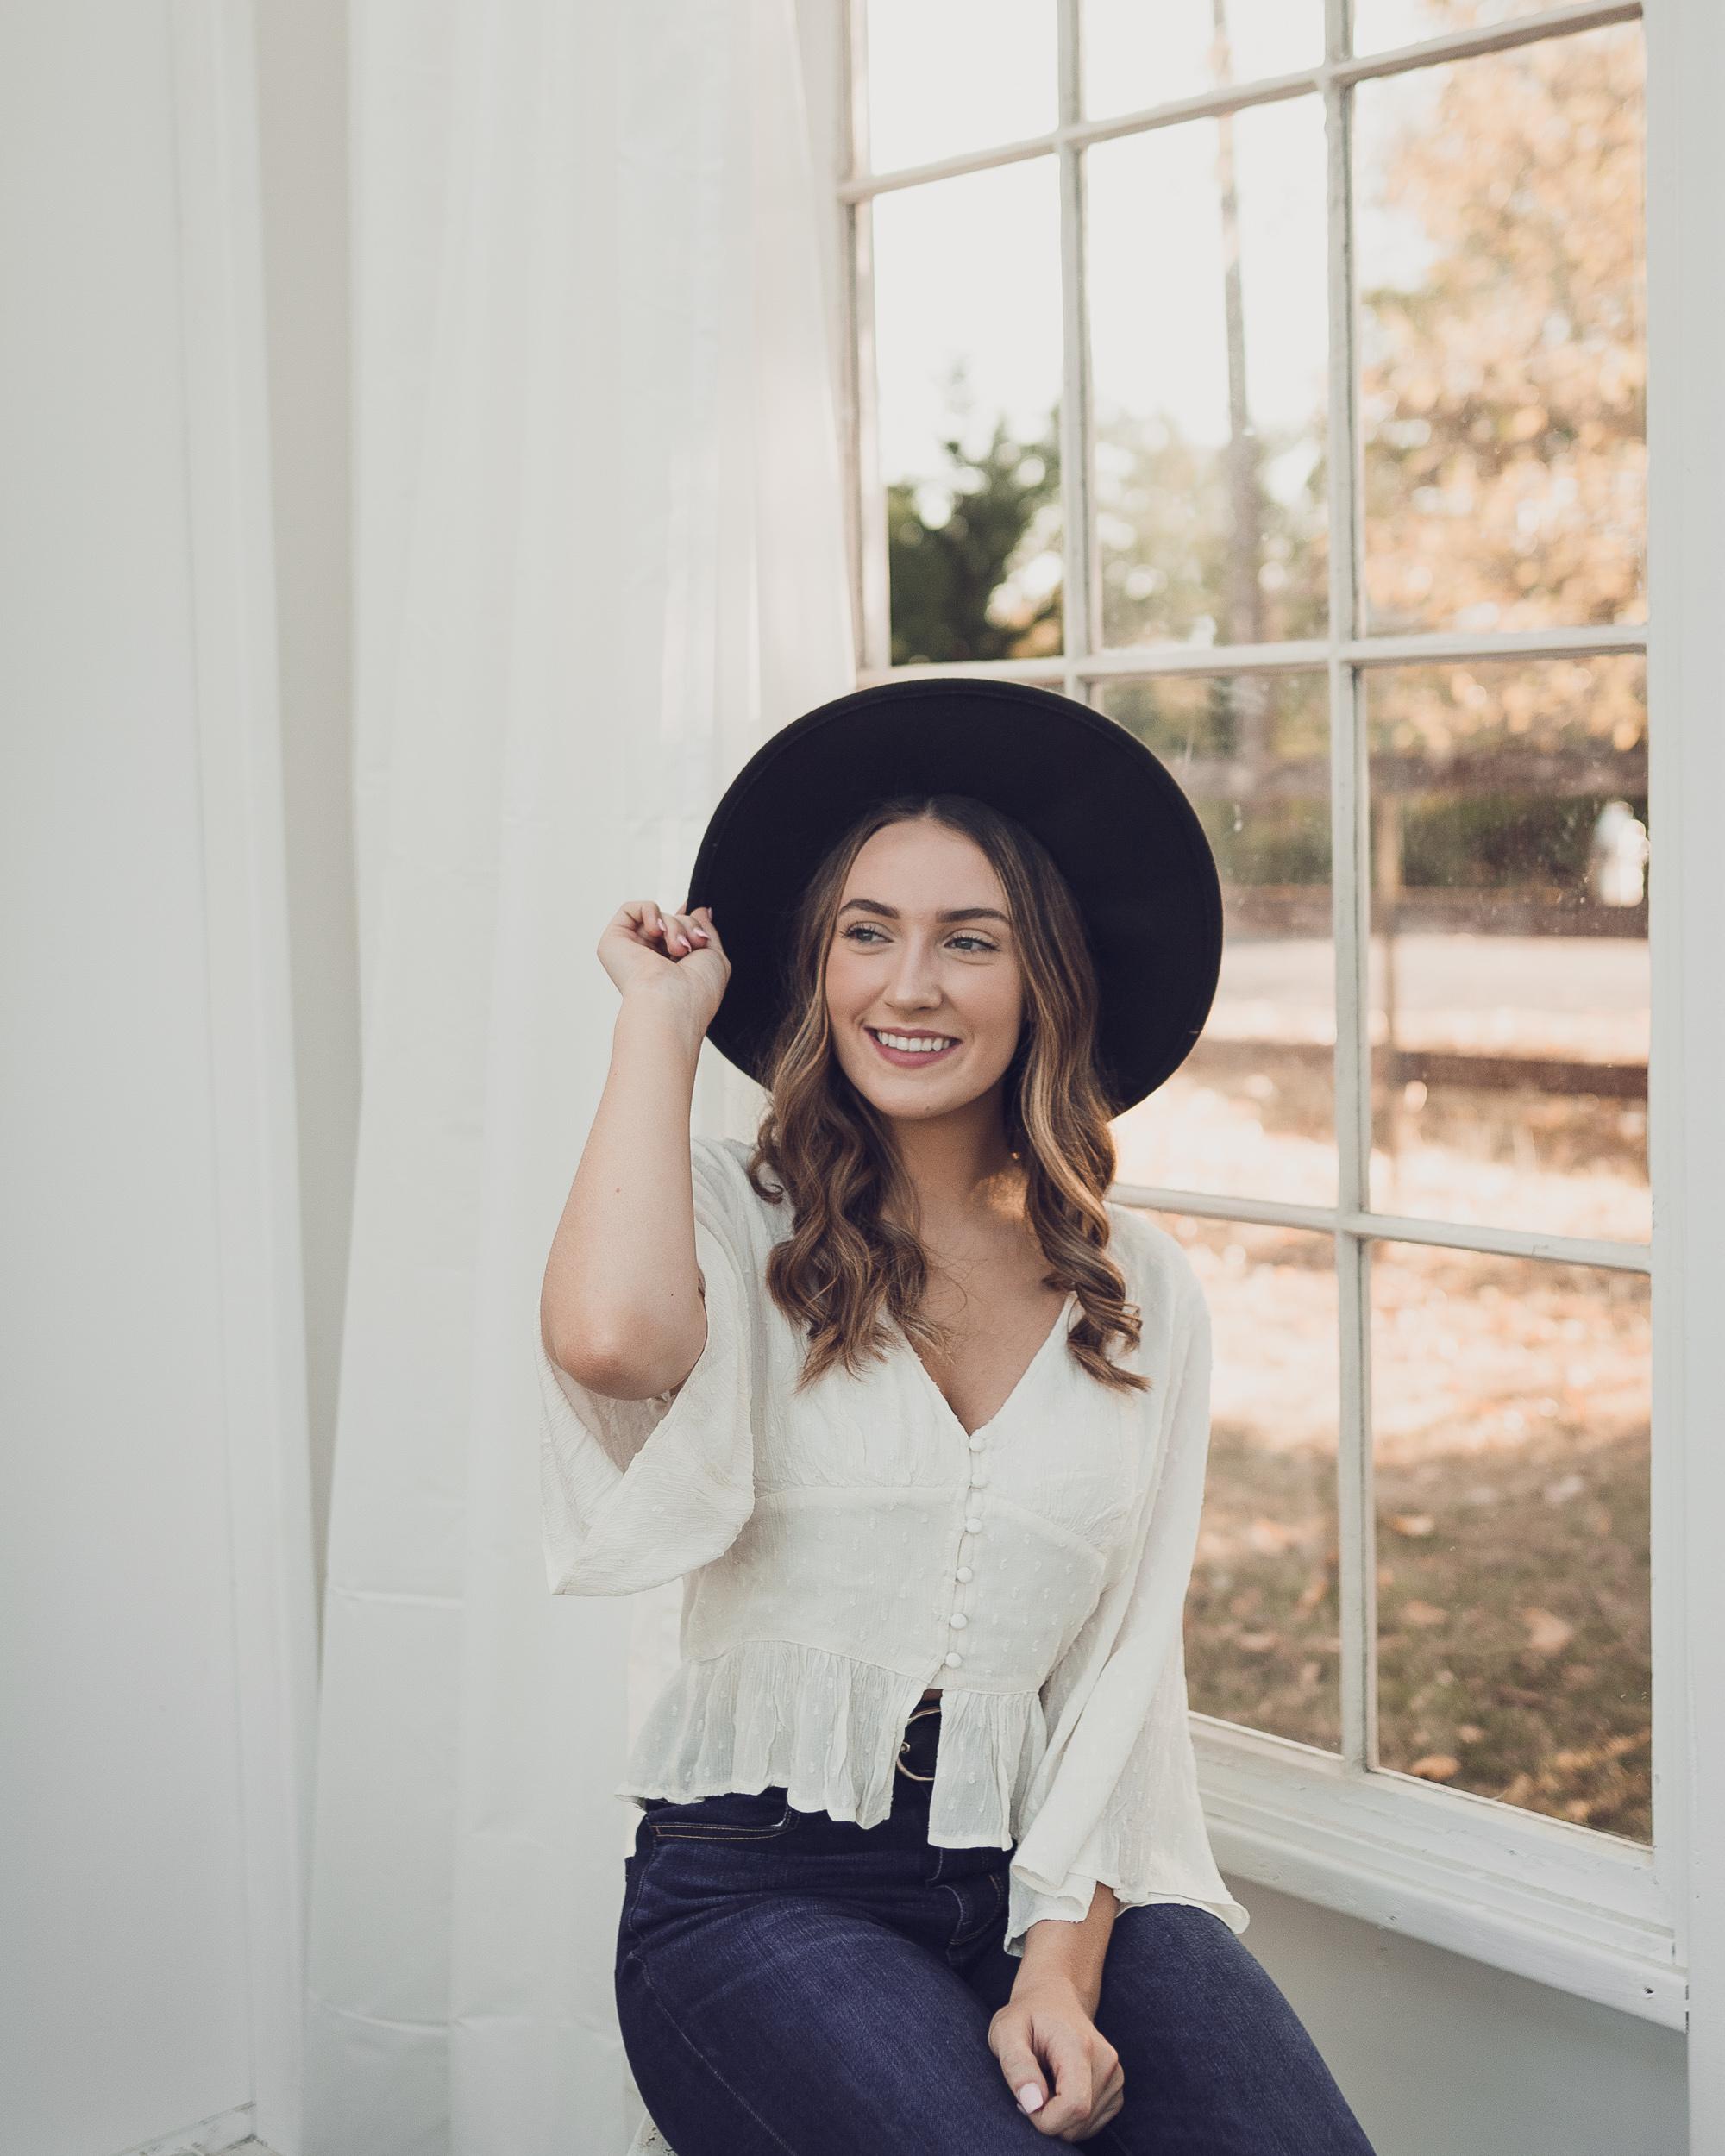 Seniorportraitsseattle-21.jpg